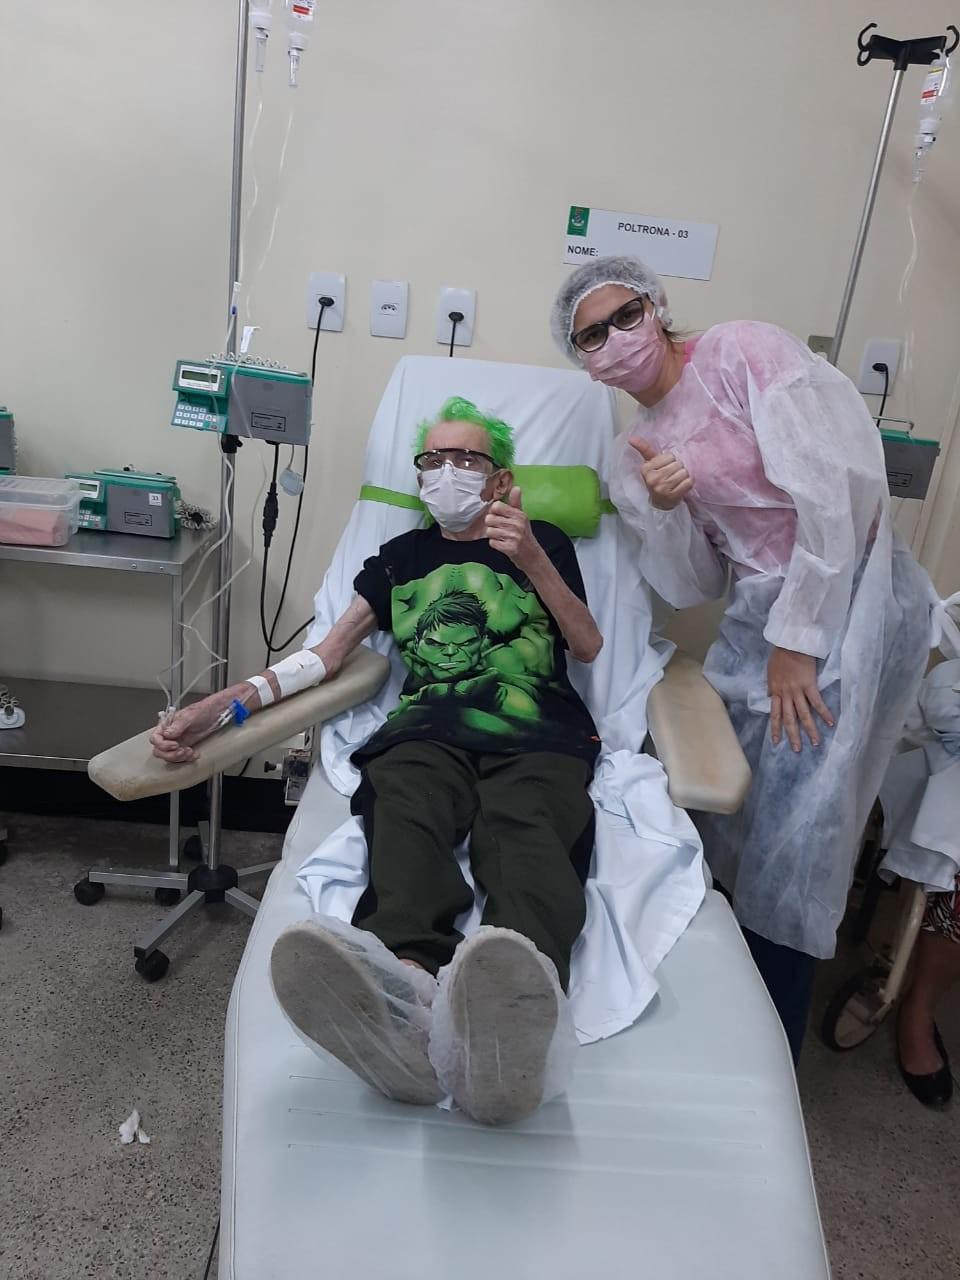 Em tratamento de câncer, idoso de 84 anos se veste de super-herói em sessões de quimioterapia no Ceará